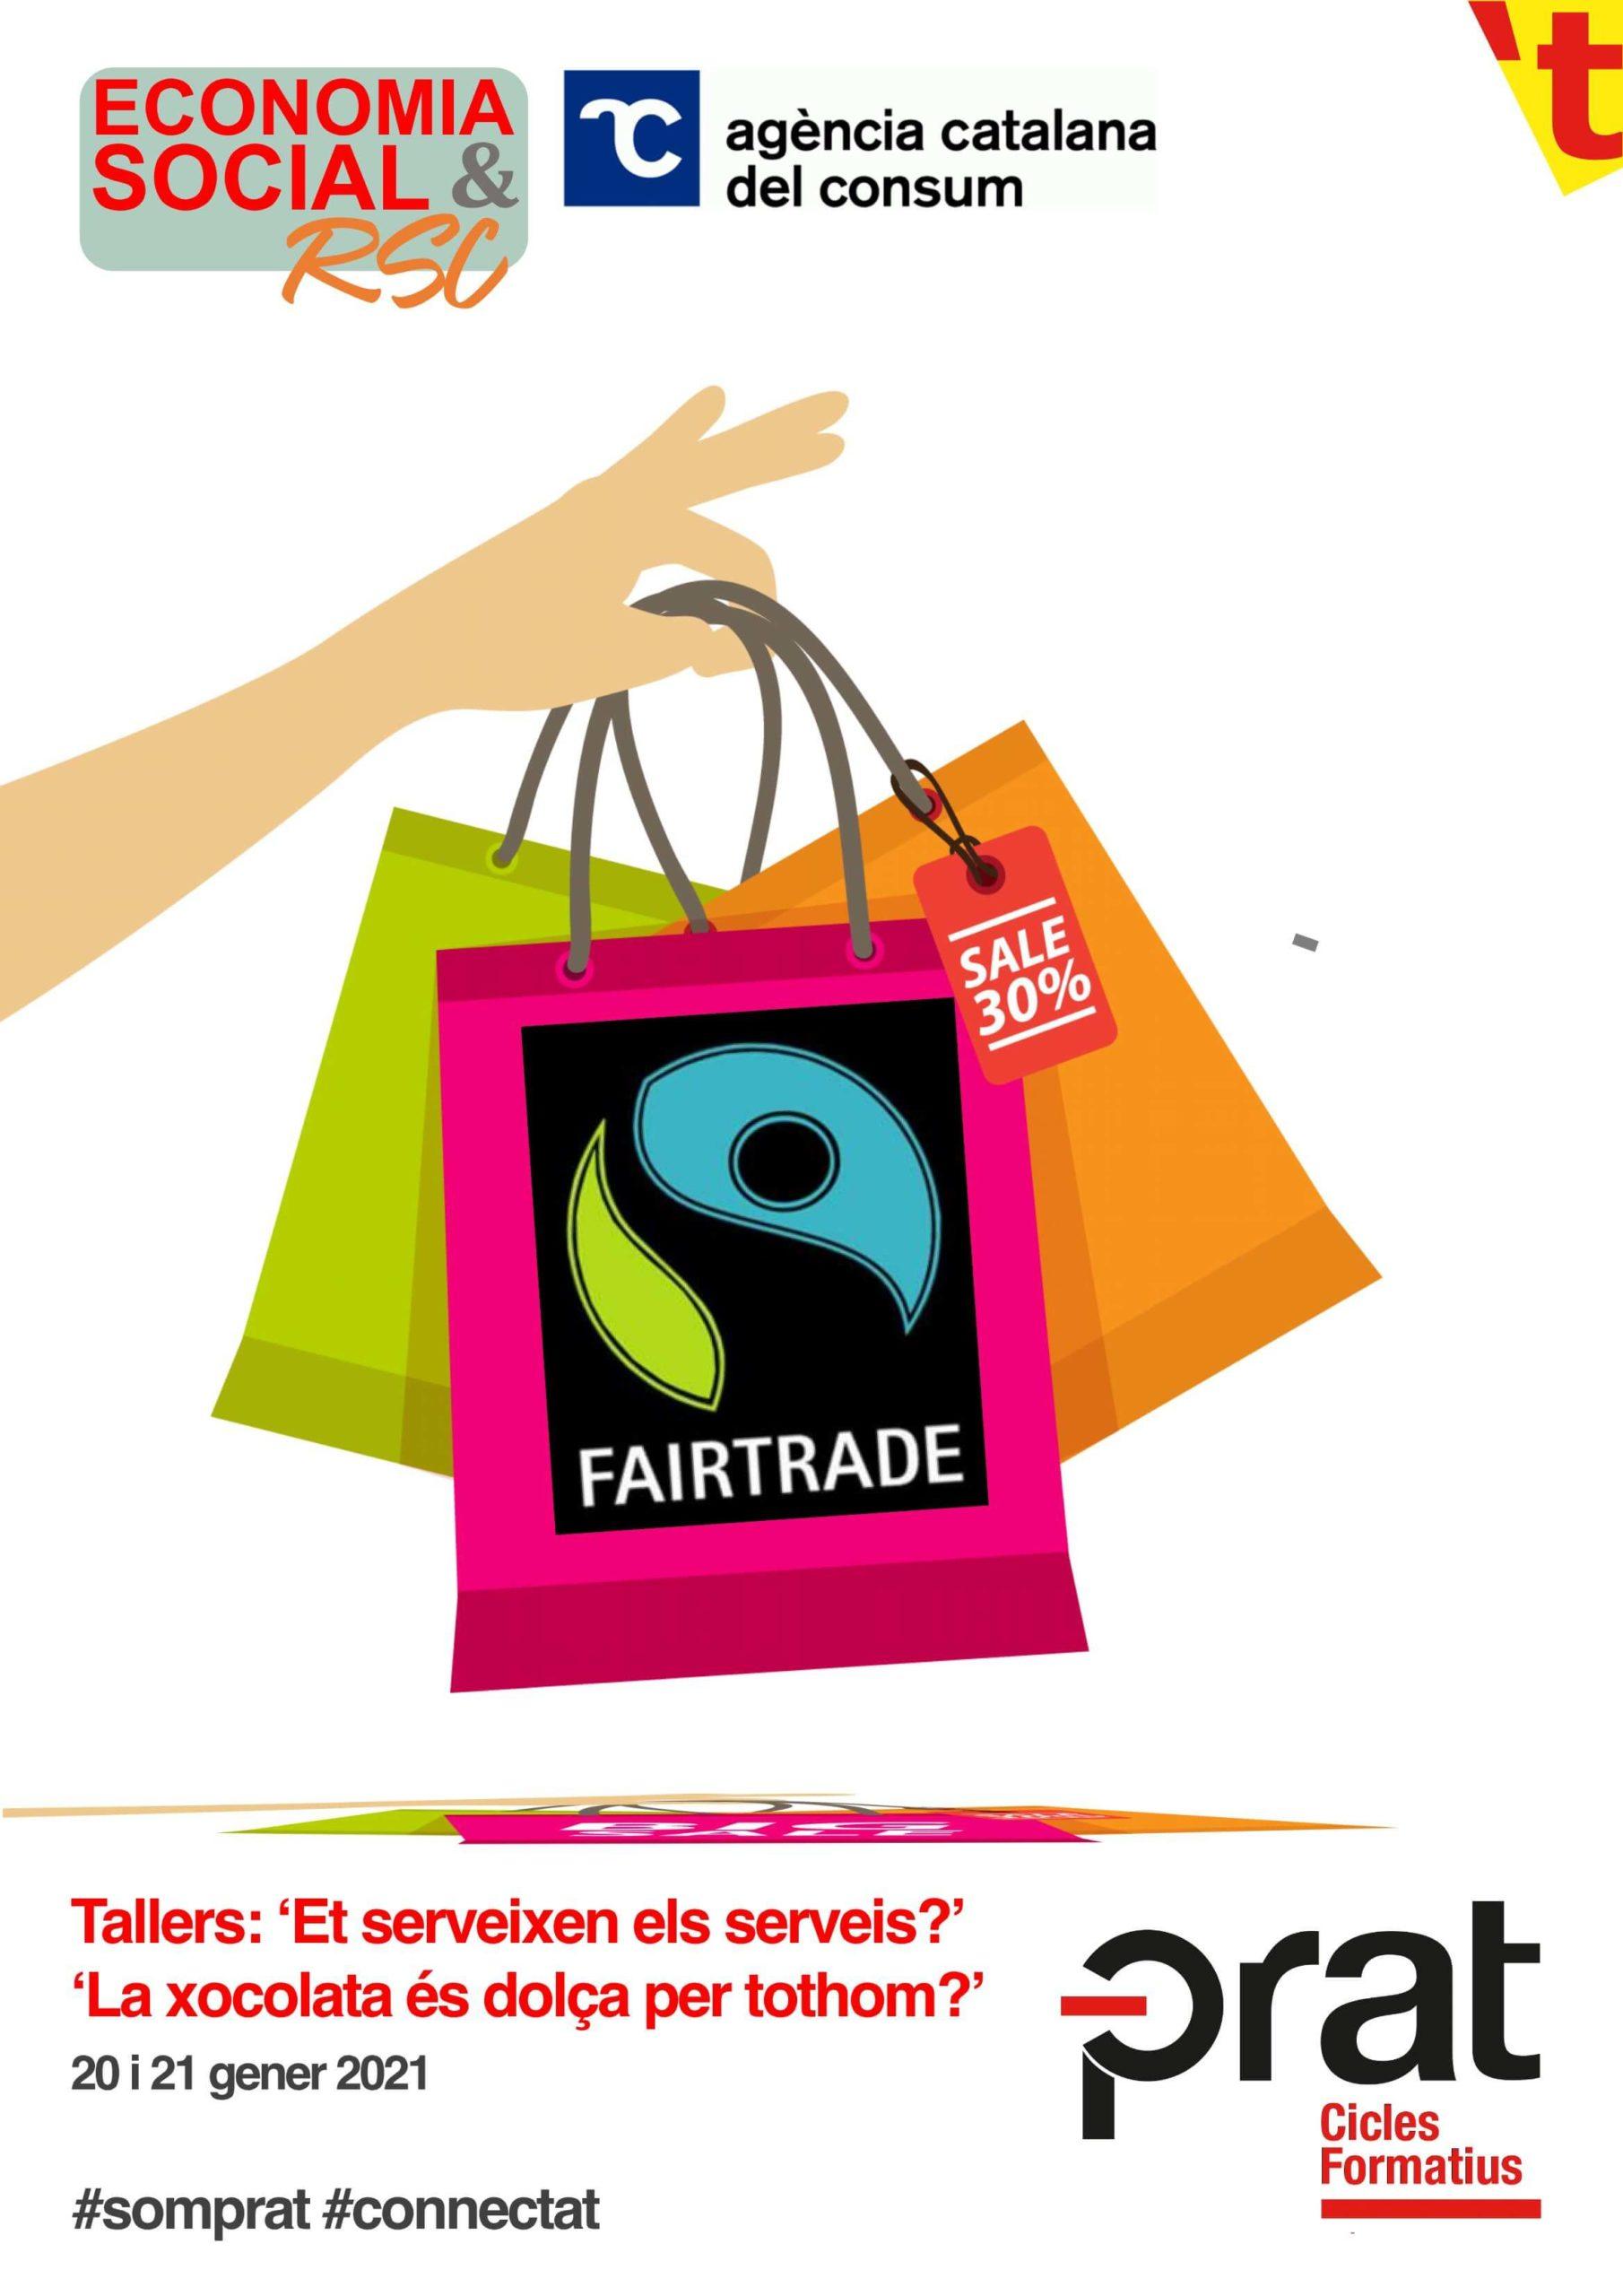 Tallers agència catalana del consum